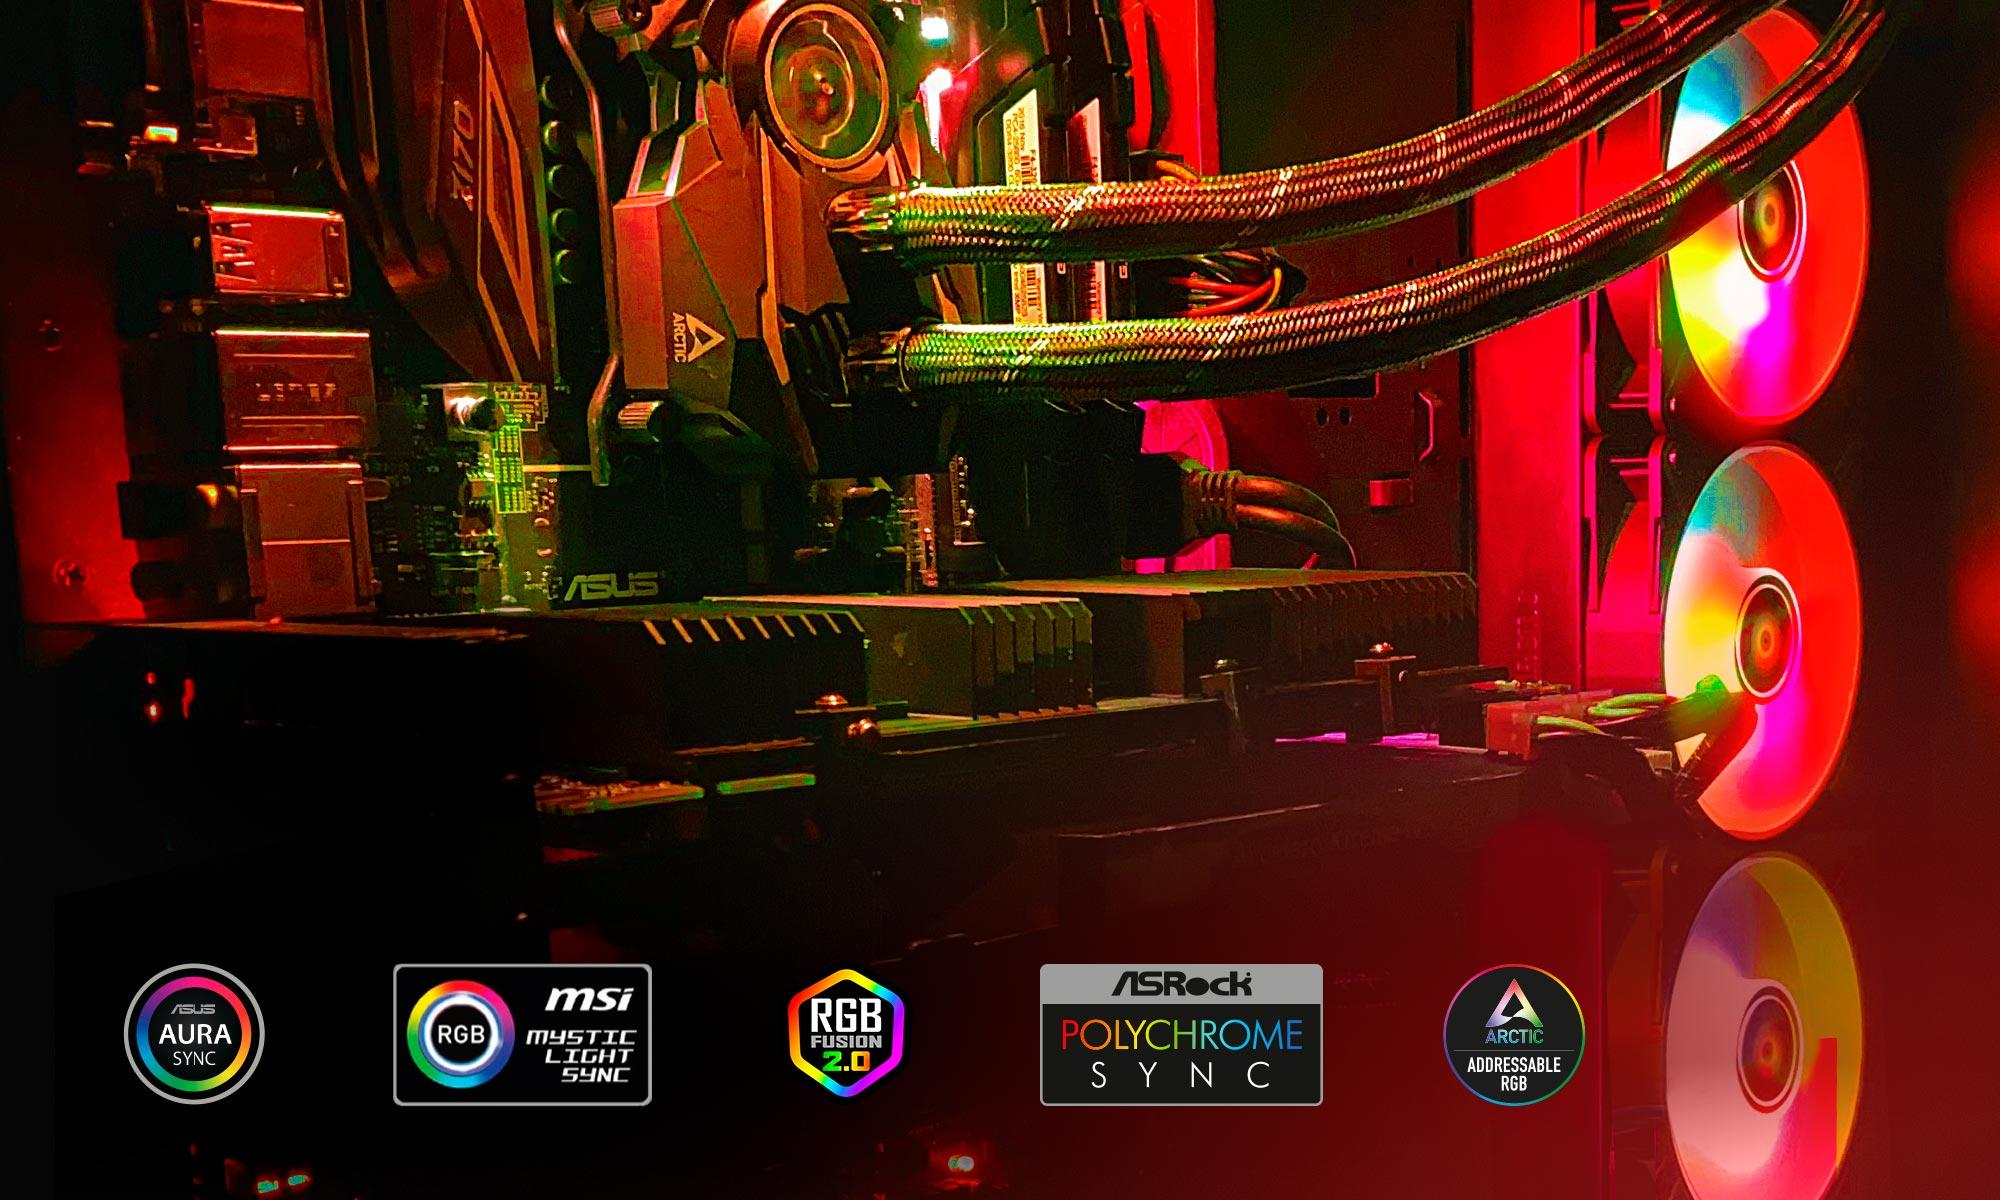 lf2-360-argb-colours